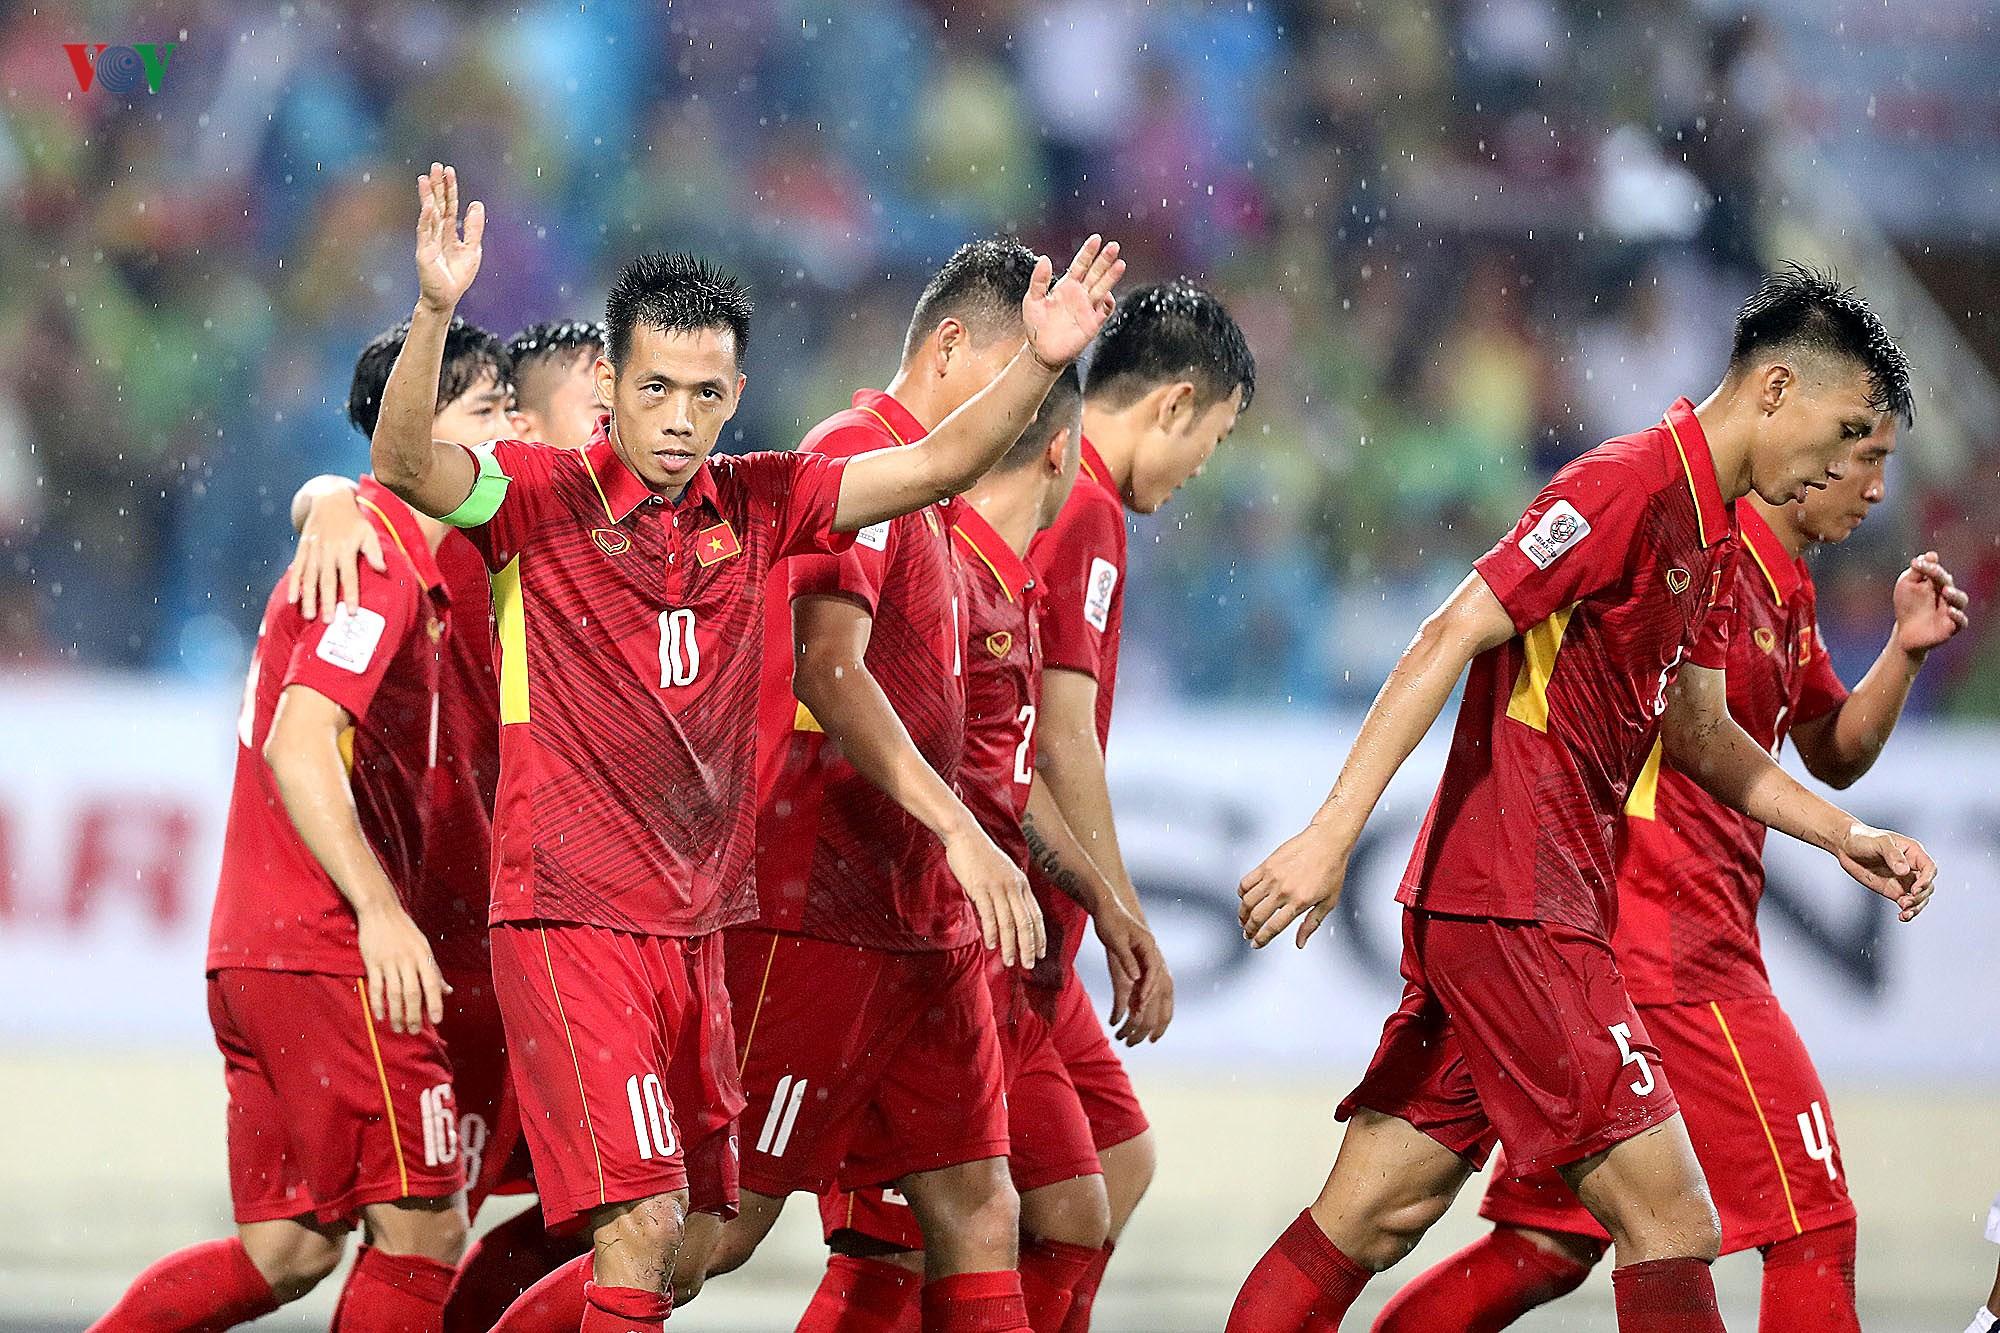 Quang Hải và những quân bài đa năng trong tay thầy Park ở ĐT Việt Nam Ảnh 3